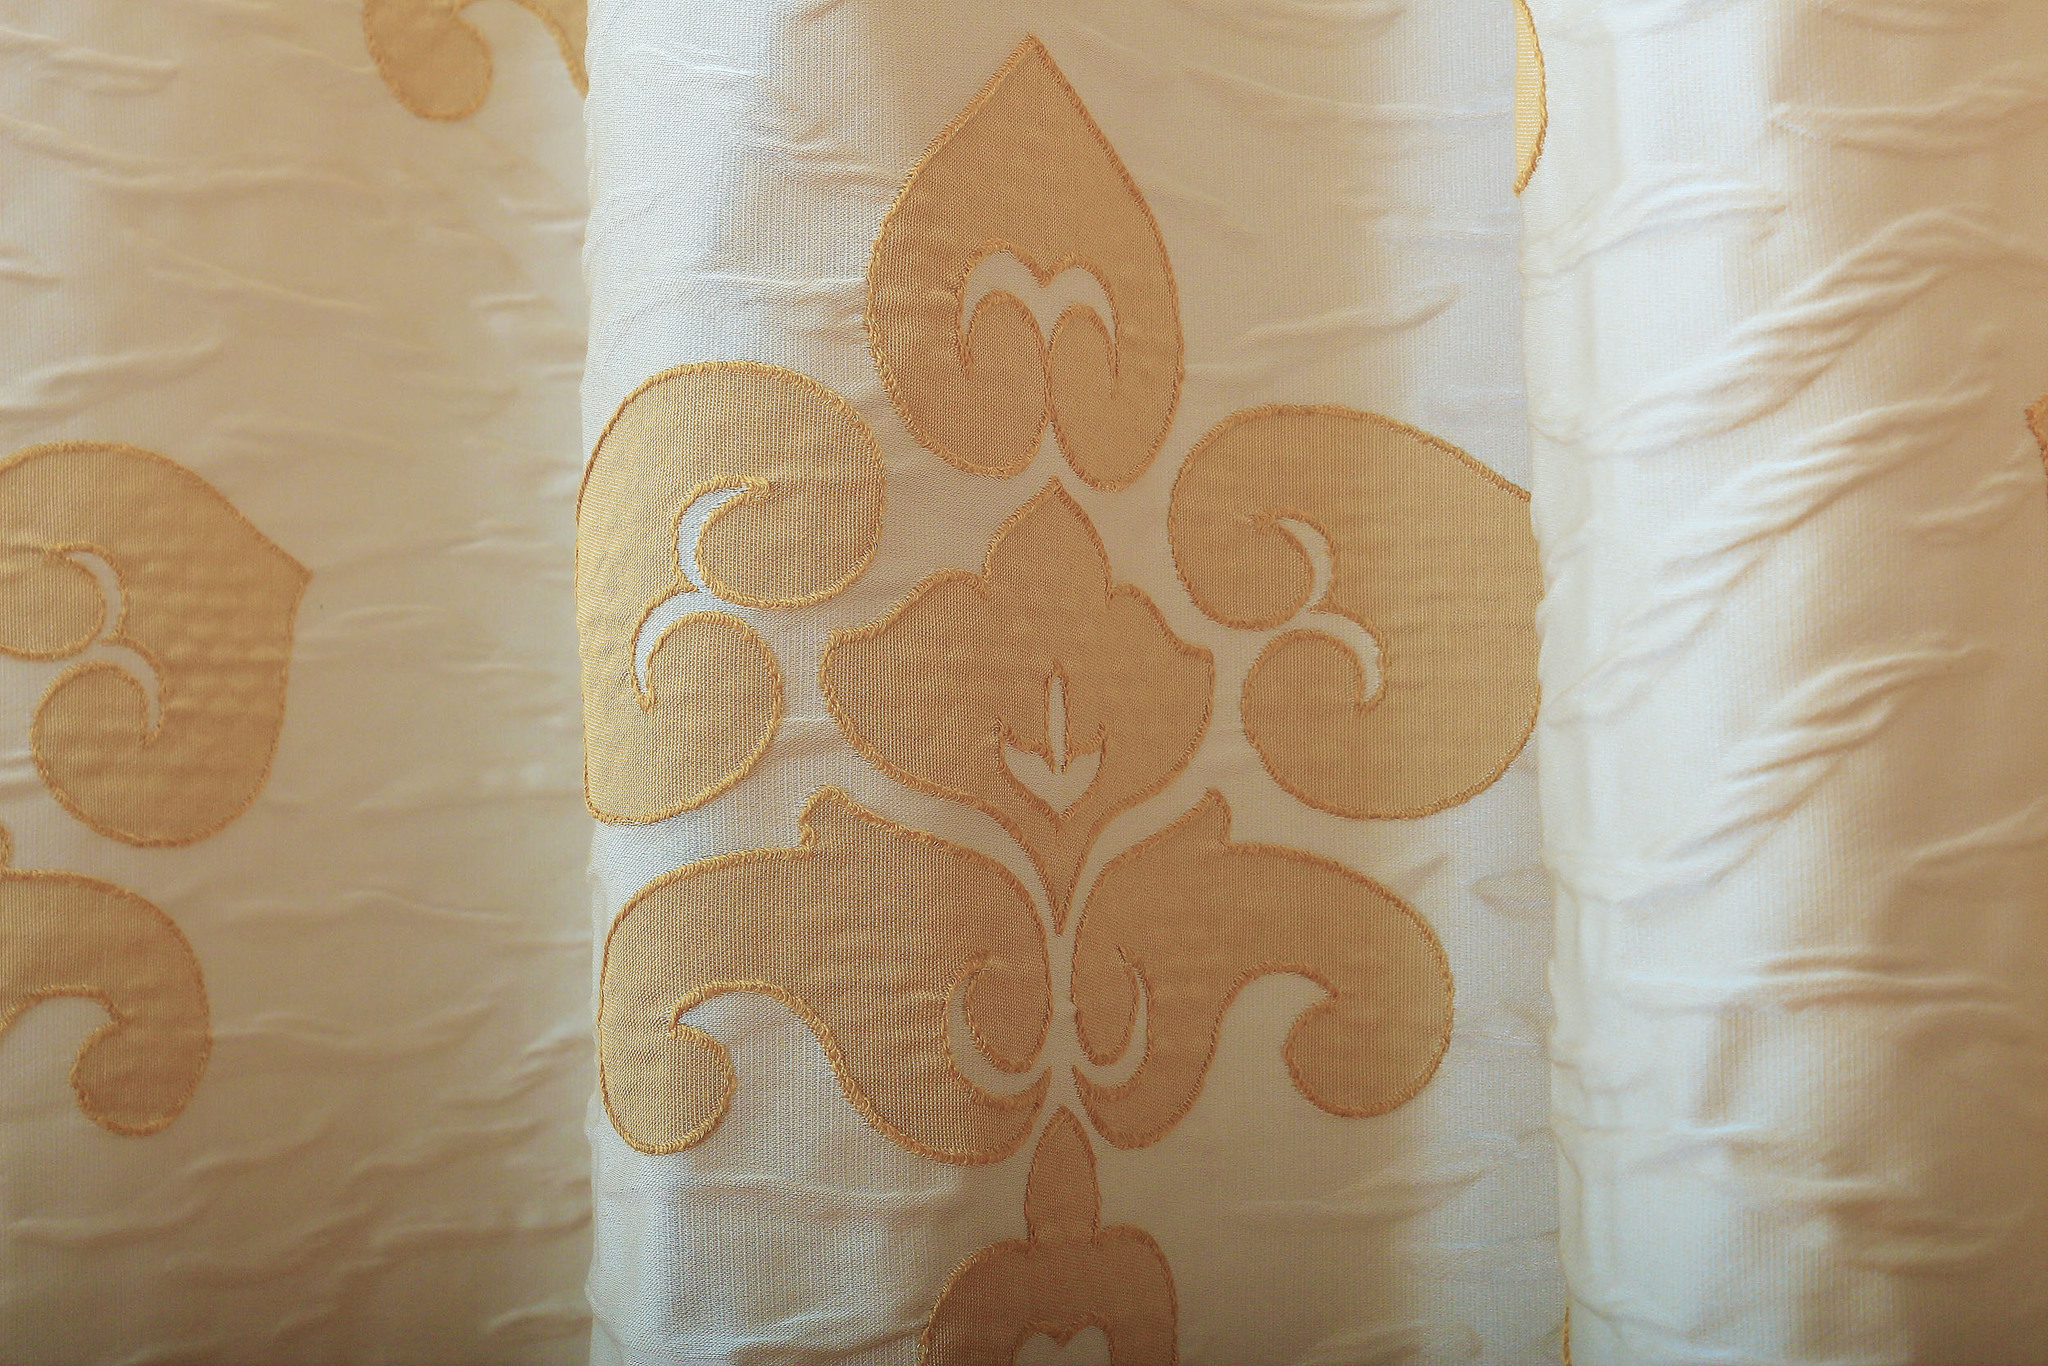 Ткань портьерная метражом. Мягкая портьерная ткань с классическим рисунком Регина-4